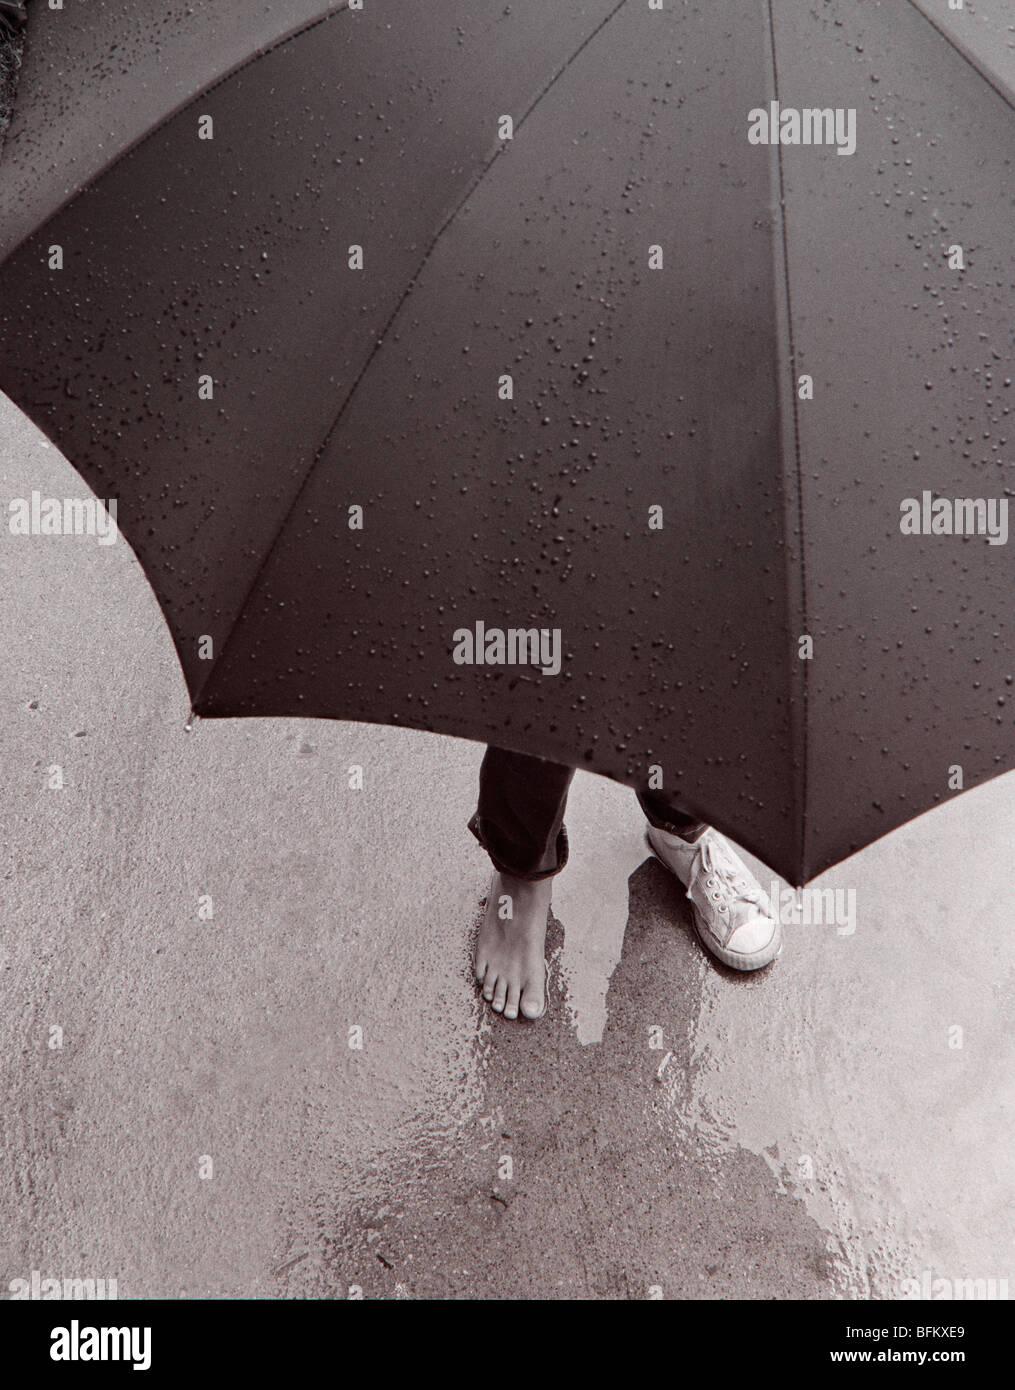 Personne debout dans la pluie avec parapluie Banque D'Images